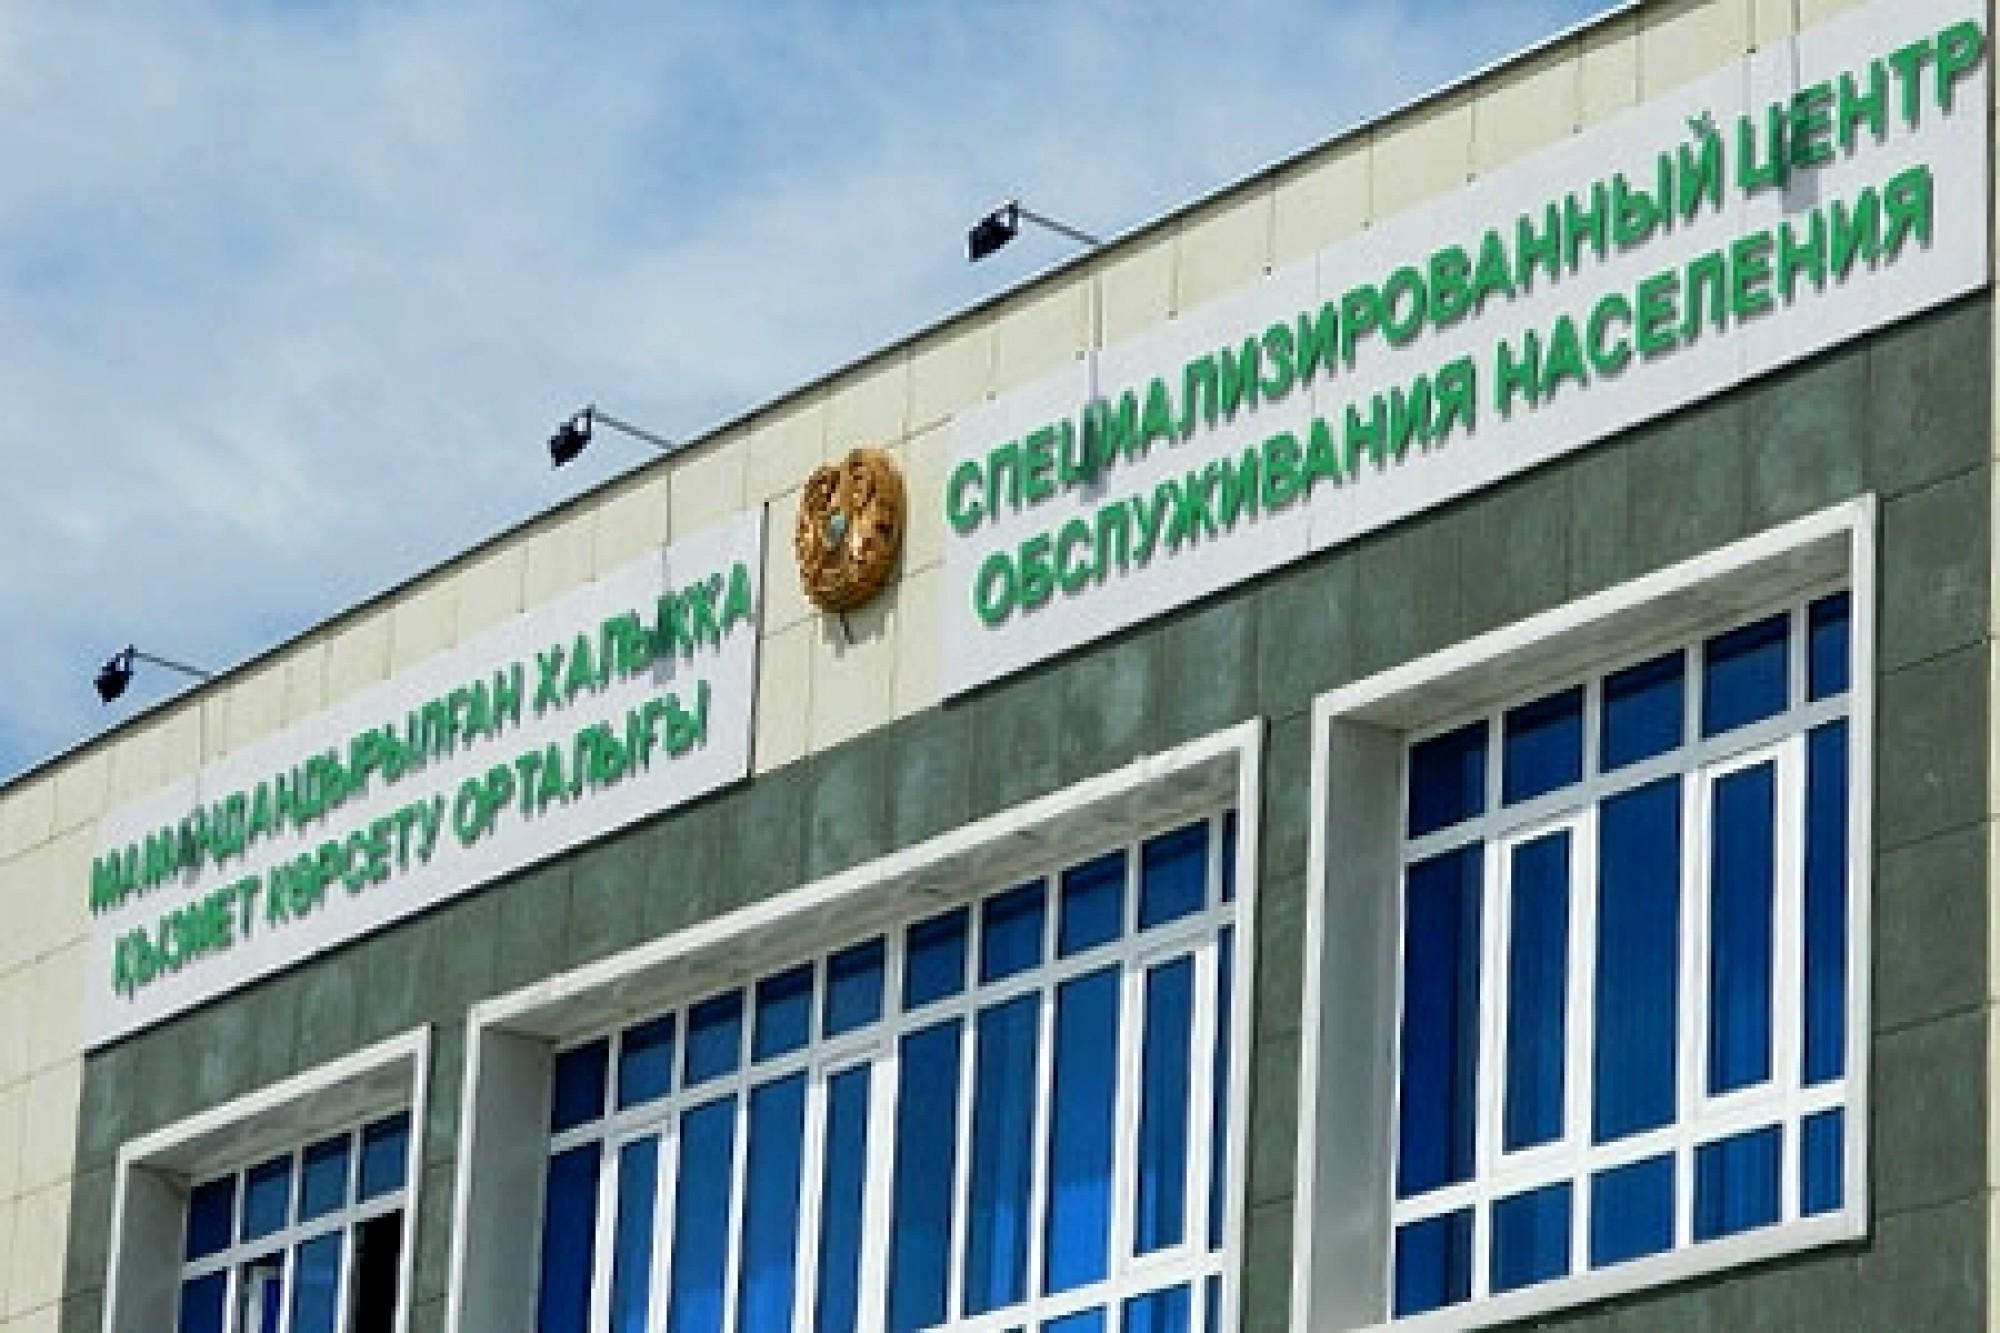 В Казахстане временно приостановлено предоставление госуслуг в спецЦОНах